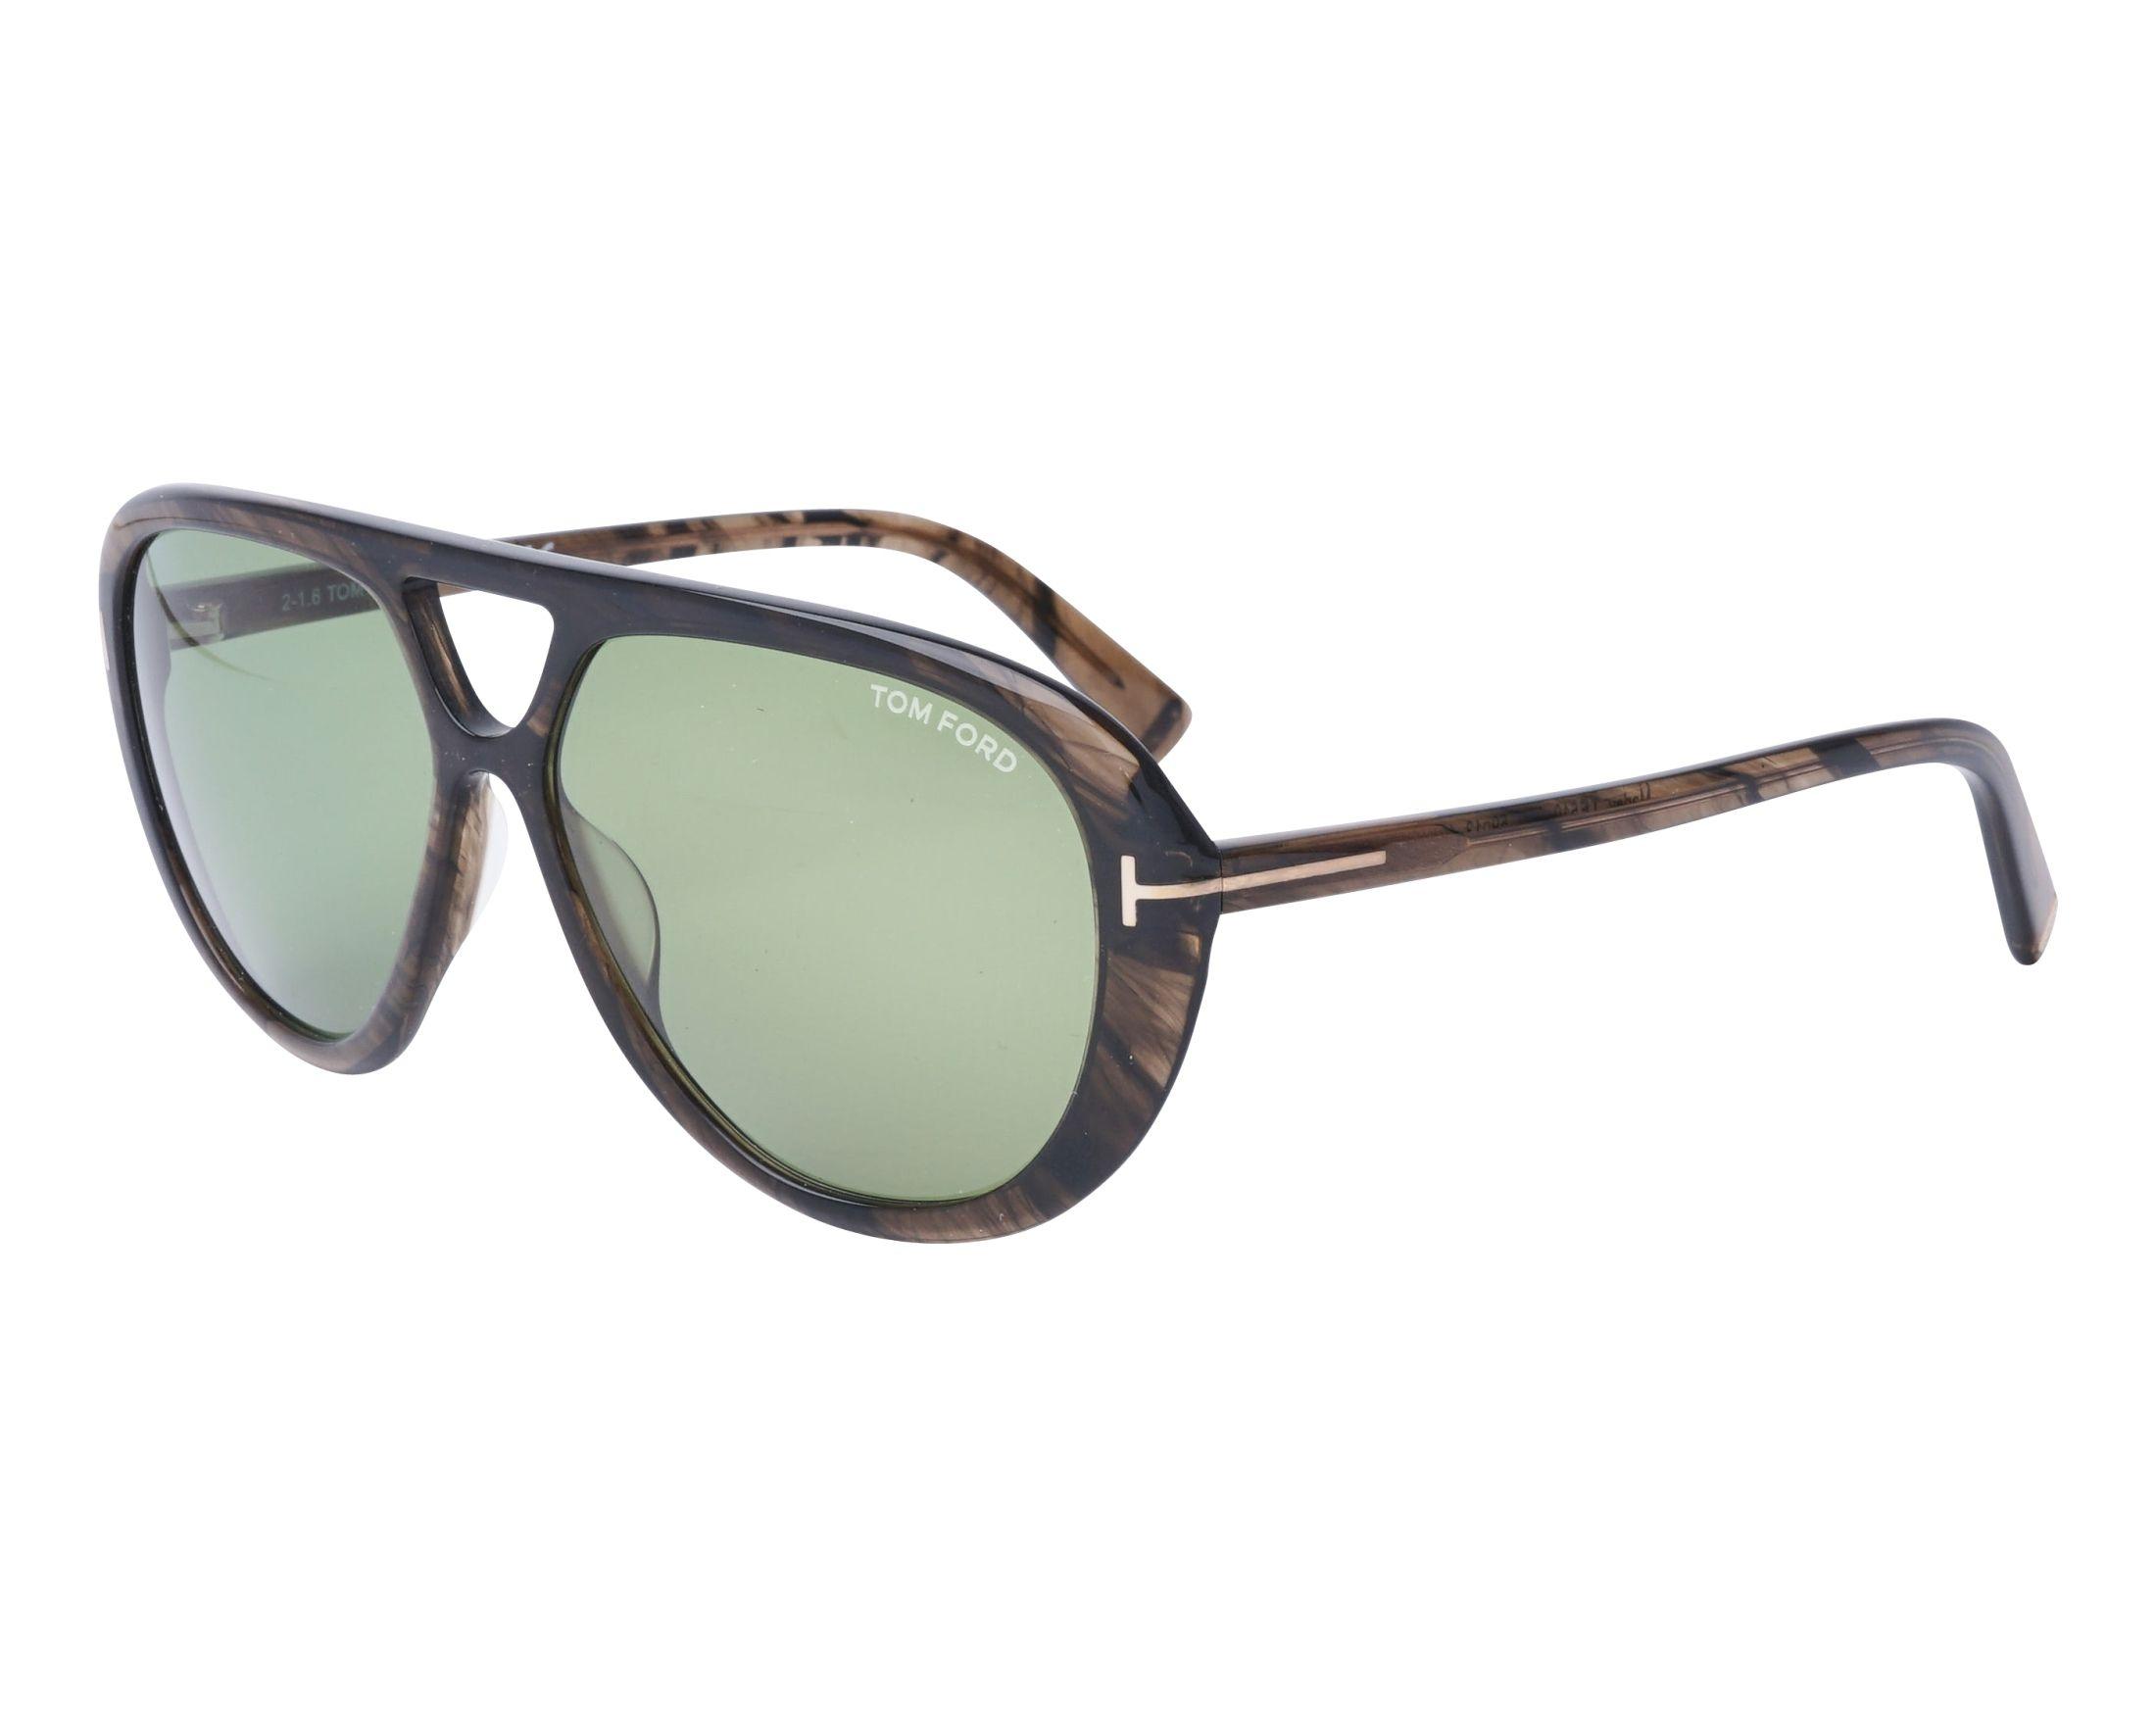 0b7169b989d7d3 Lunettes de soleil Tom Ford FT-510 20N 59-13 Vert vue de profil